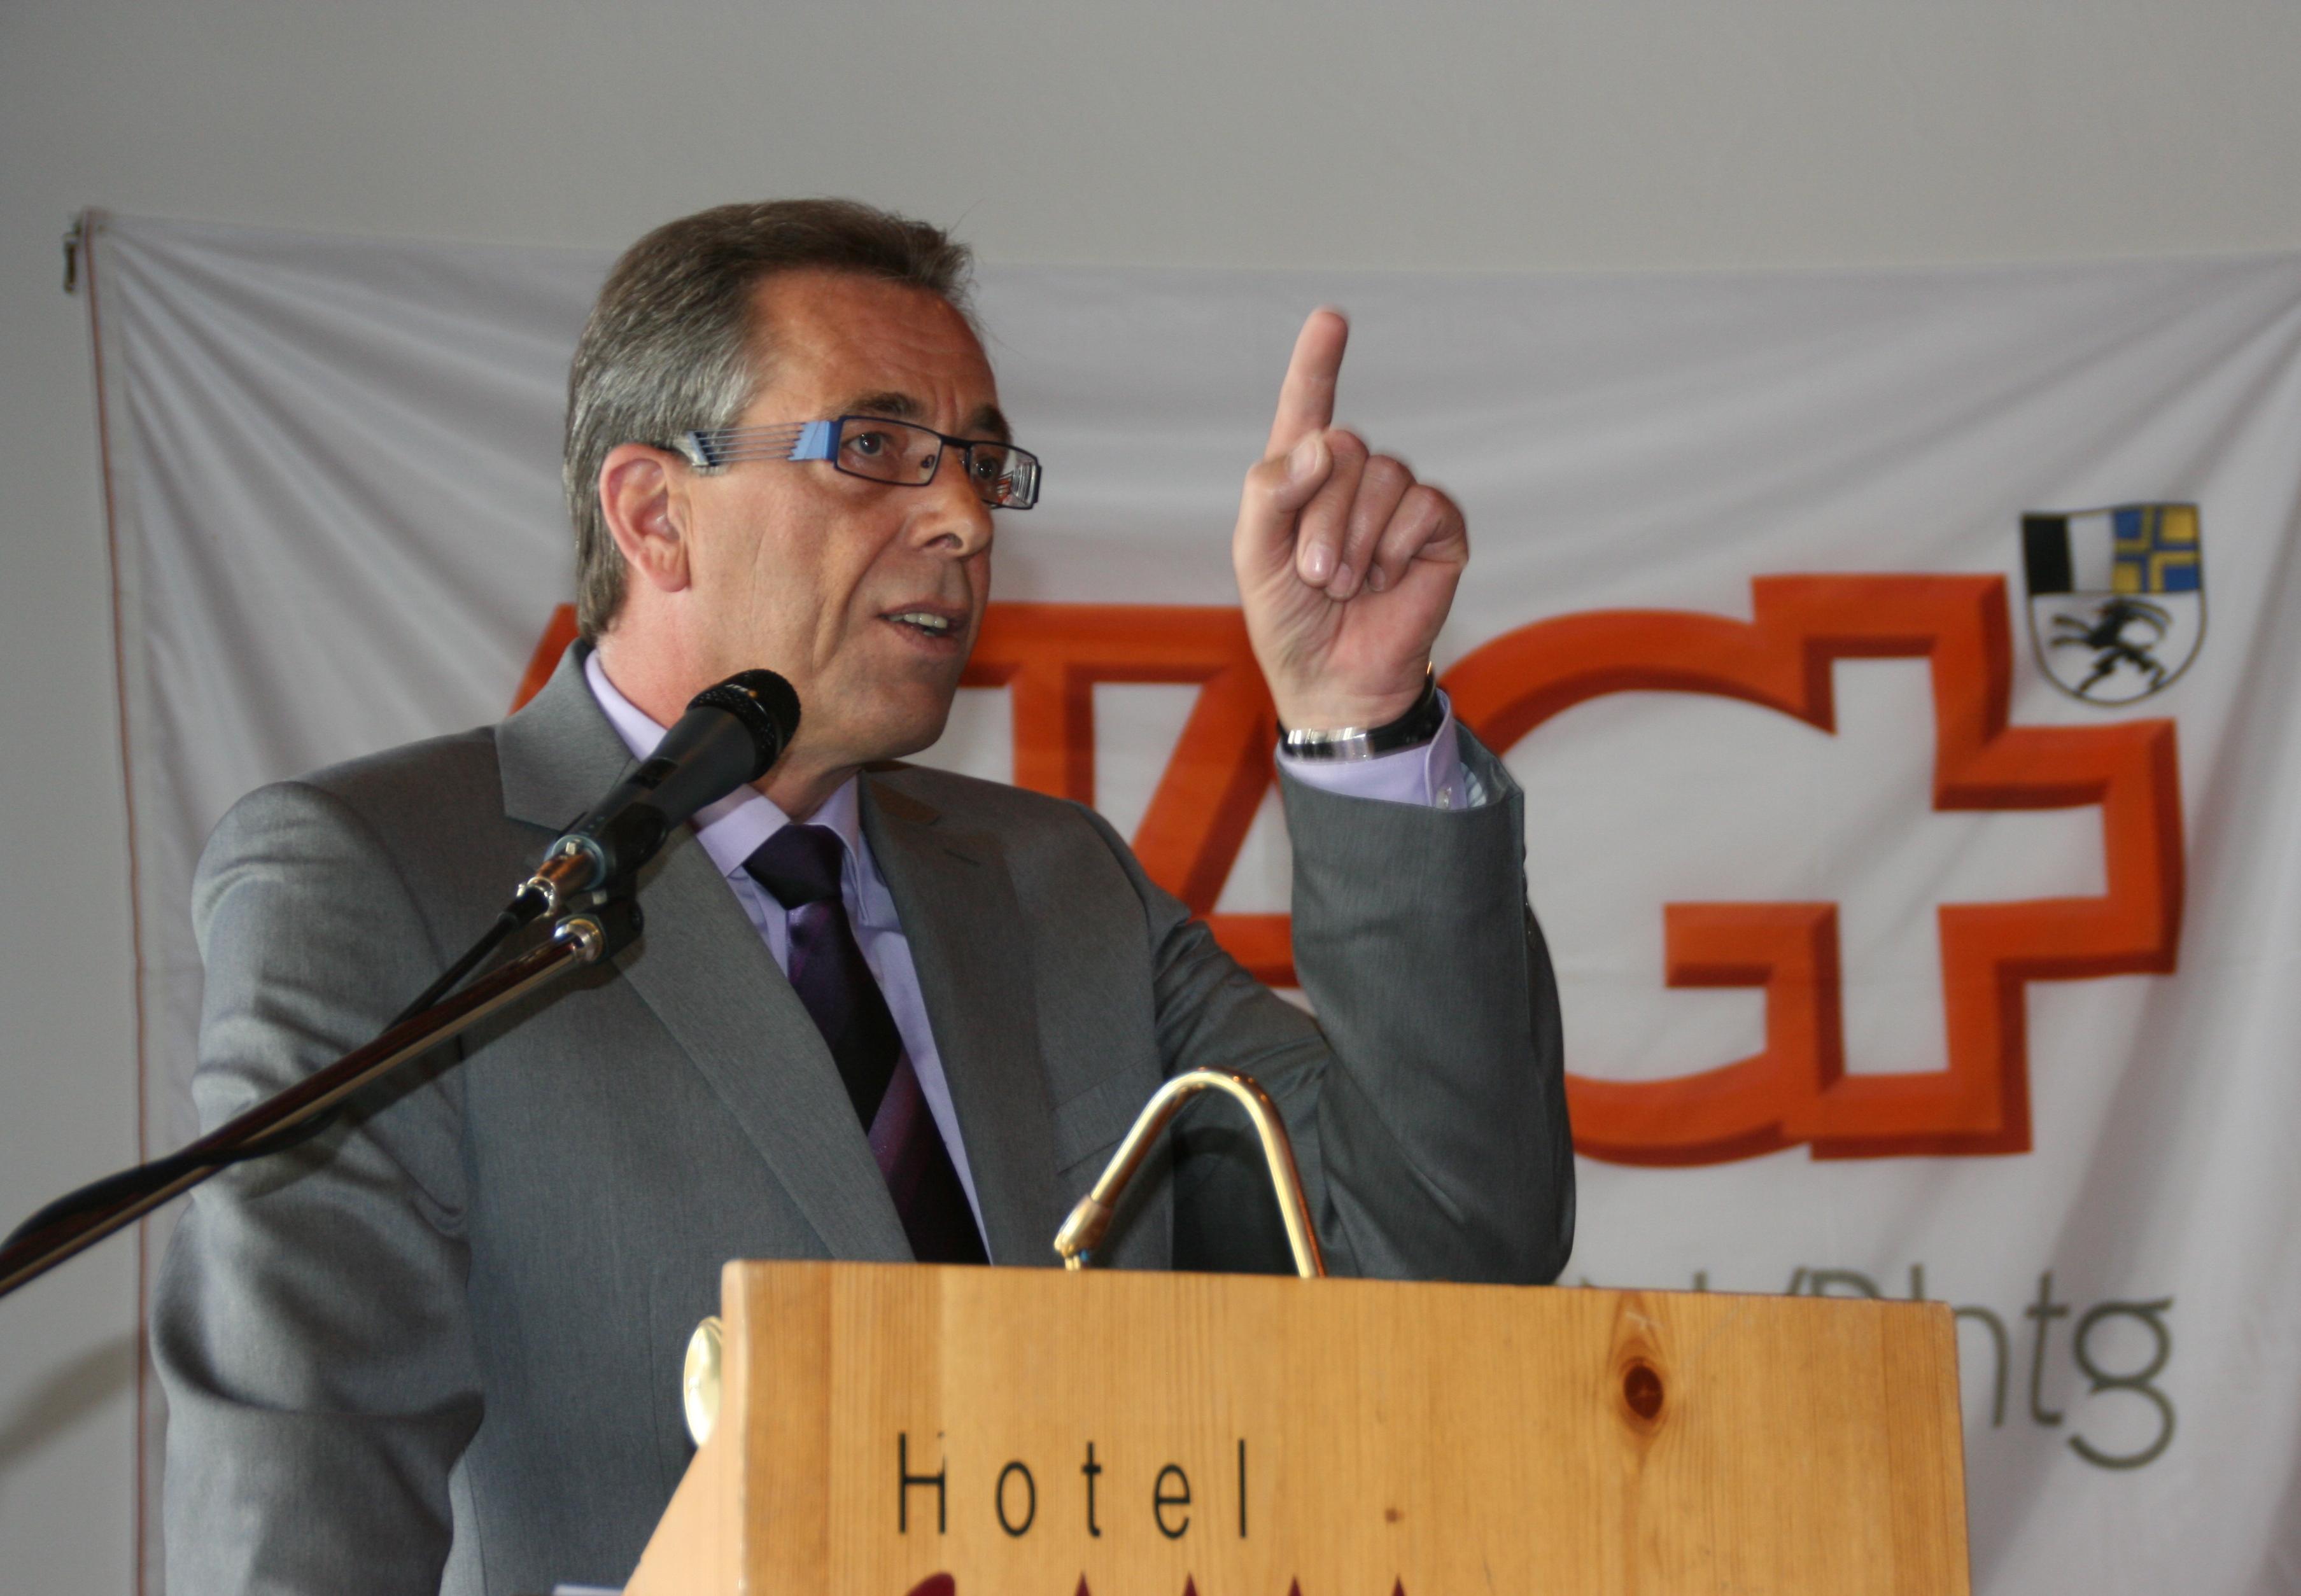 Il president da la secziun Grischuna da la ASTAG ha introduì ina chassa per promover il mastergn da chauffeur.